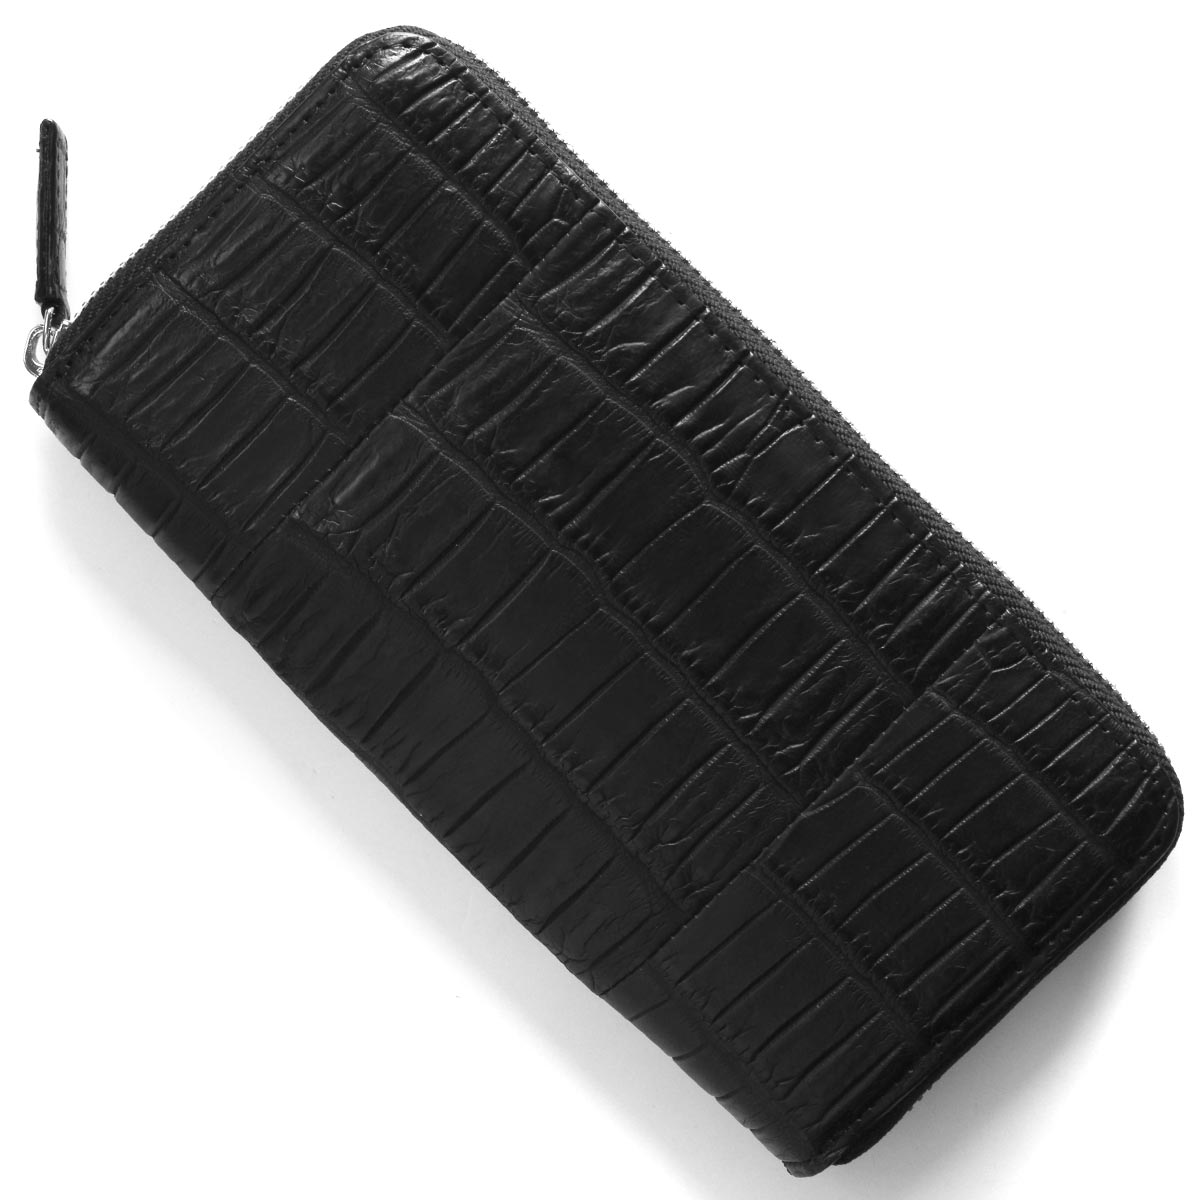 本革 長財布 財布 メンズ レディース クロコ ブラック CRS1836 BLK Leather